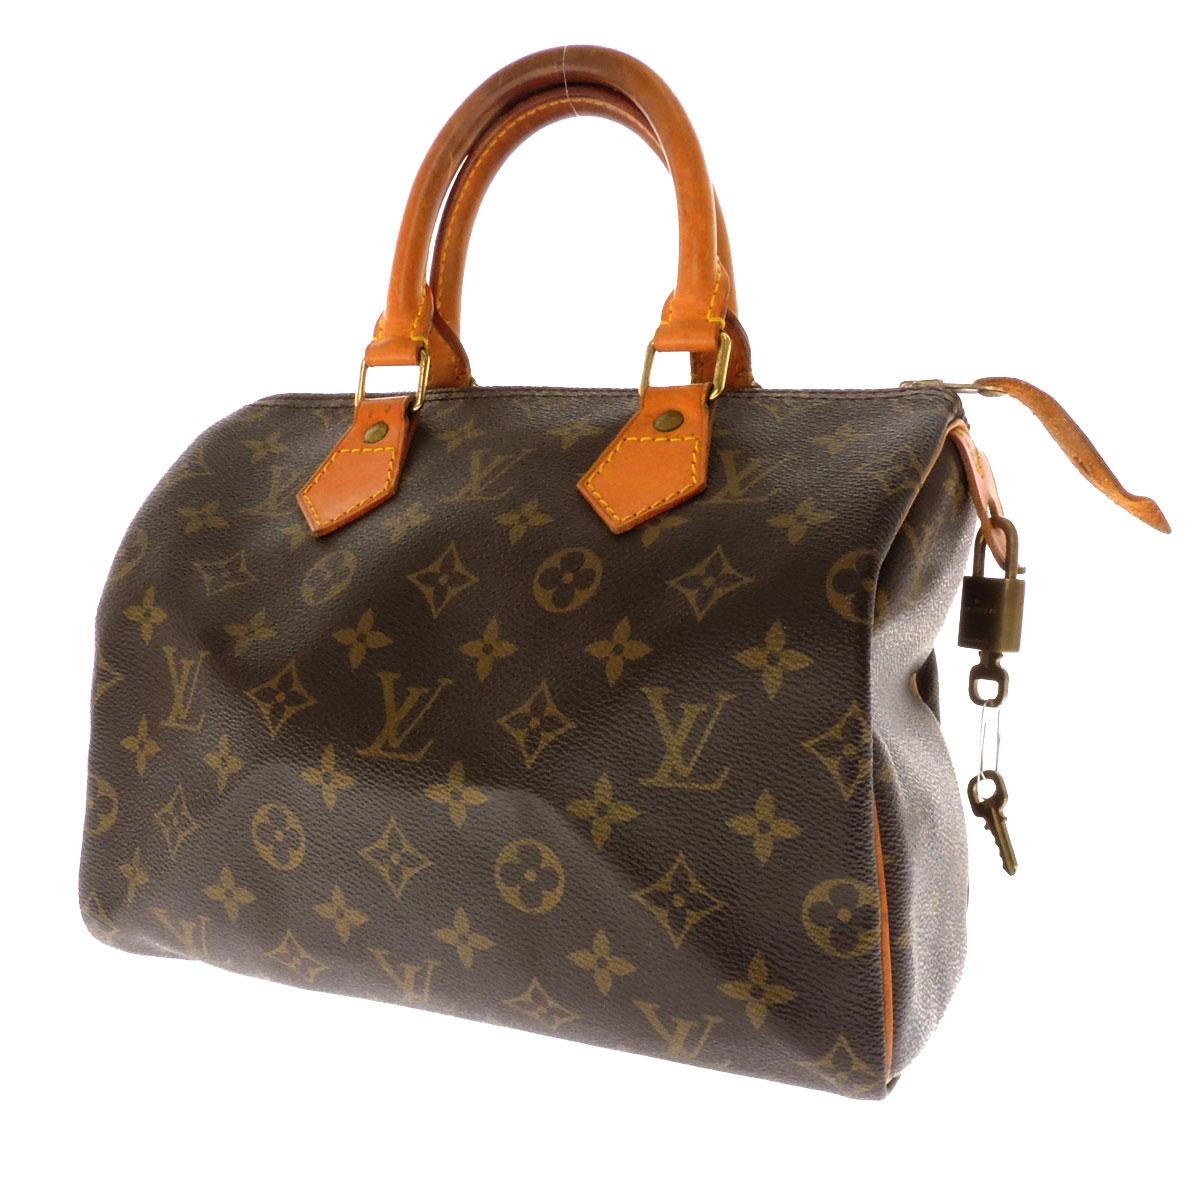 LOUIS VUITTON speedy 25 M 41528 Monogram Canvas ladies handbag